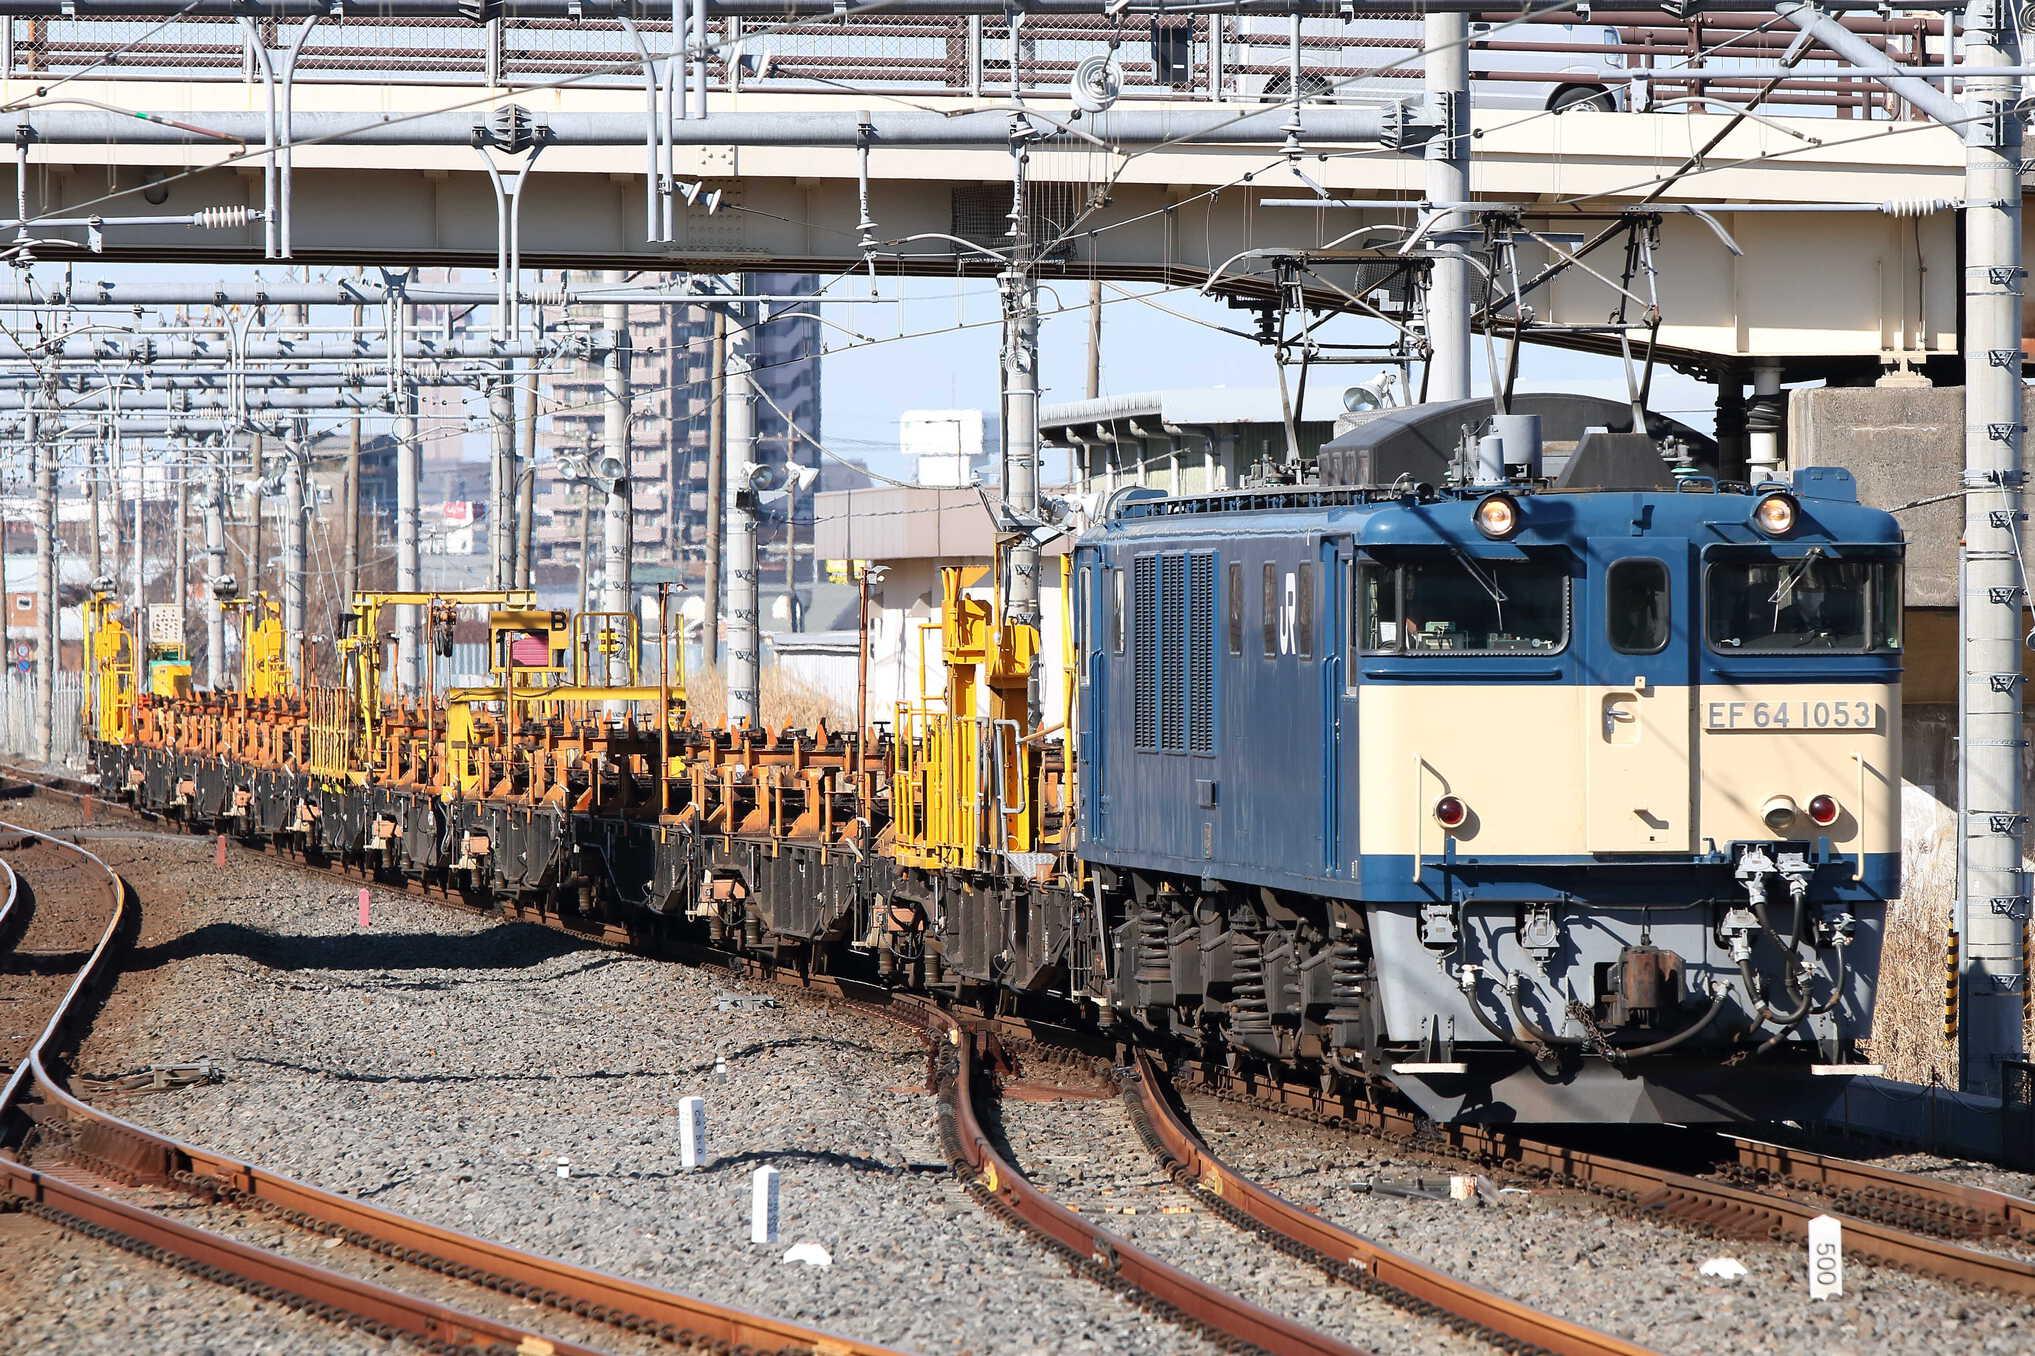 工9872列車 甲府工臨返空 EF64-1053[高]+ロンチキB編成10車